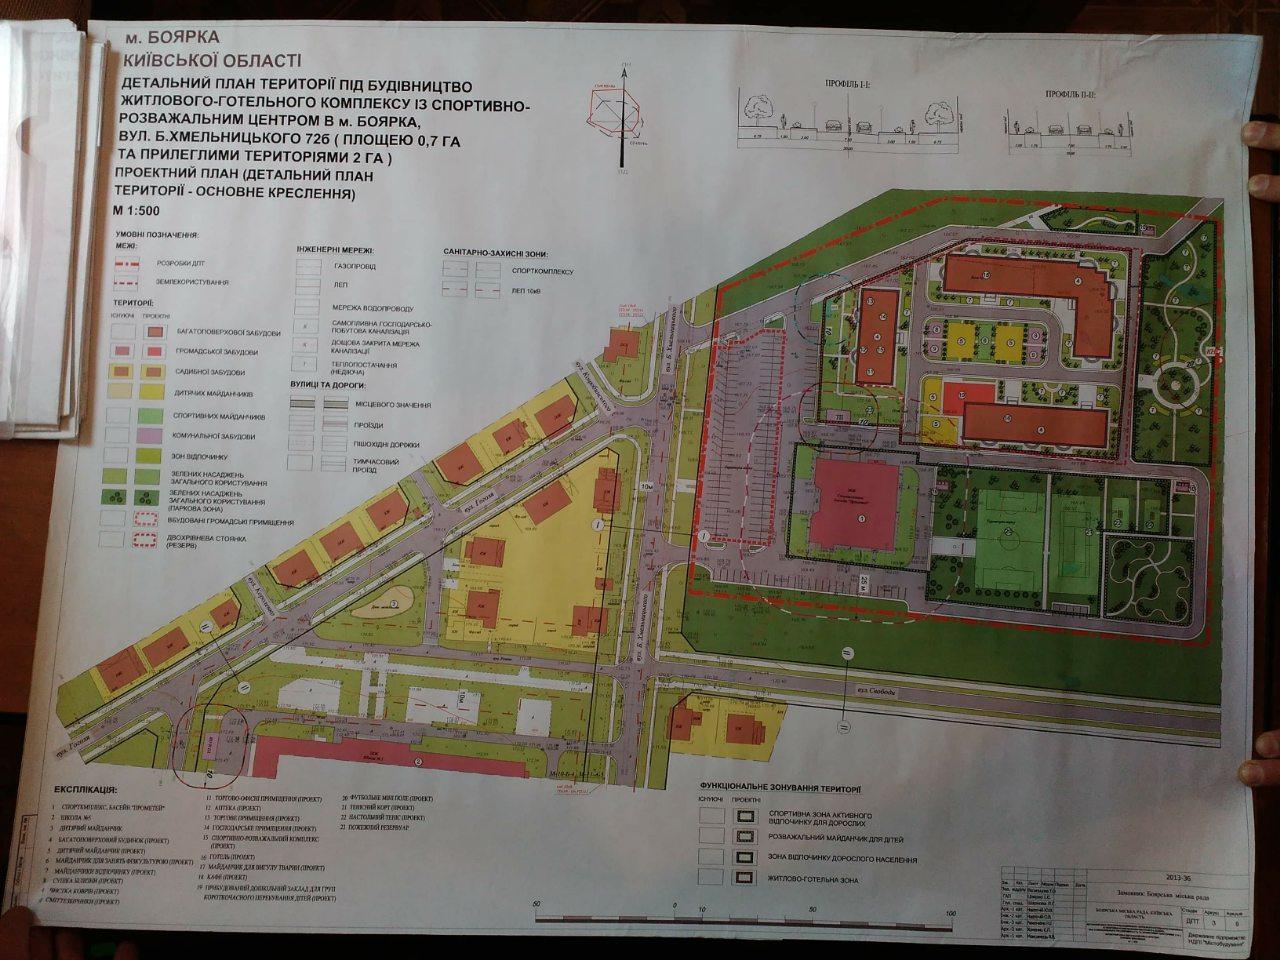 Boyarka-plan На захист парку: в Боярці влада планує пустити під висотну забудову частину зеленої зони